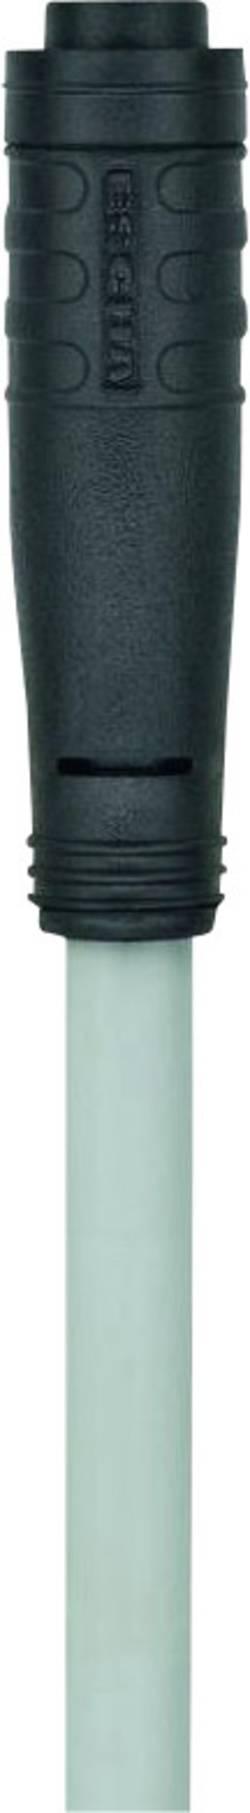 """Câble Snap M8 pour capteurs/actionneurs """"Automation Line"""" Escha AL-KP4-2/P00 8052690 Pôle: 4 Conditionnement: 1 pc(s)"""